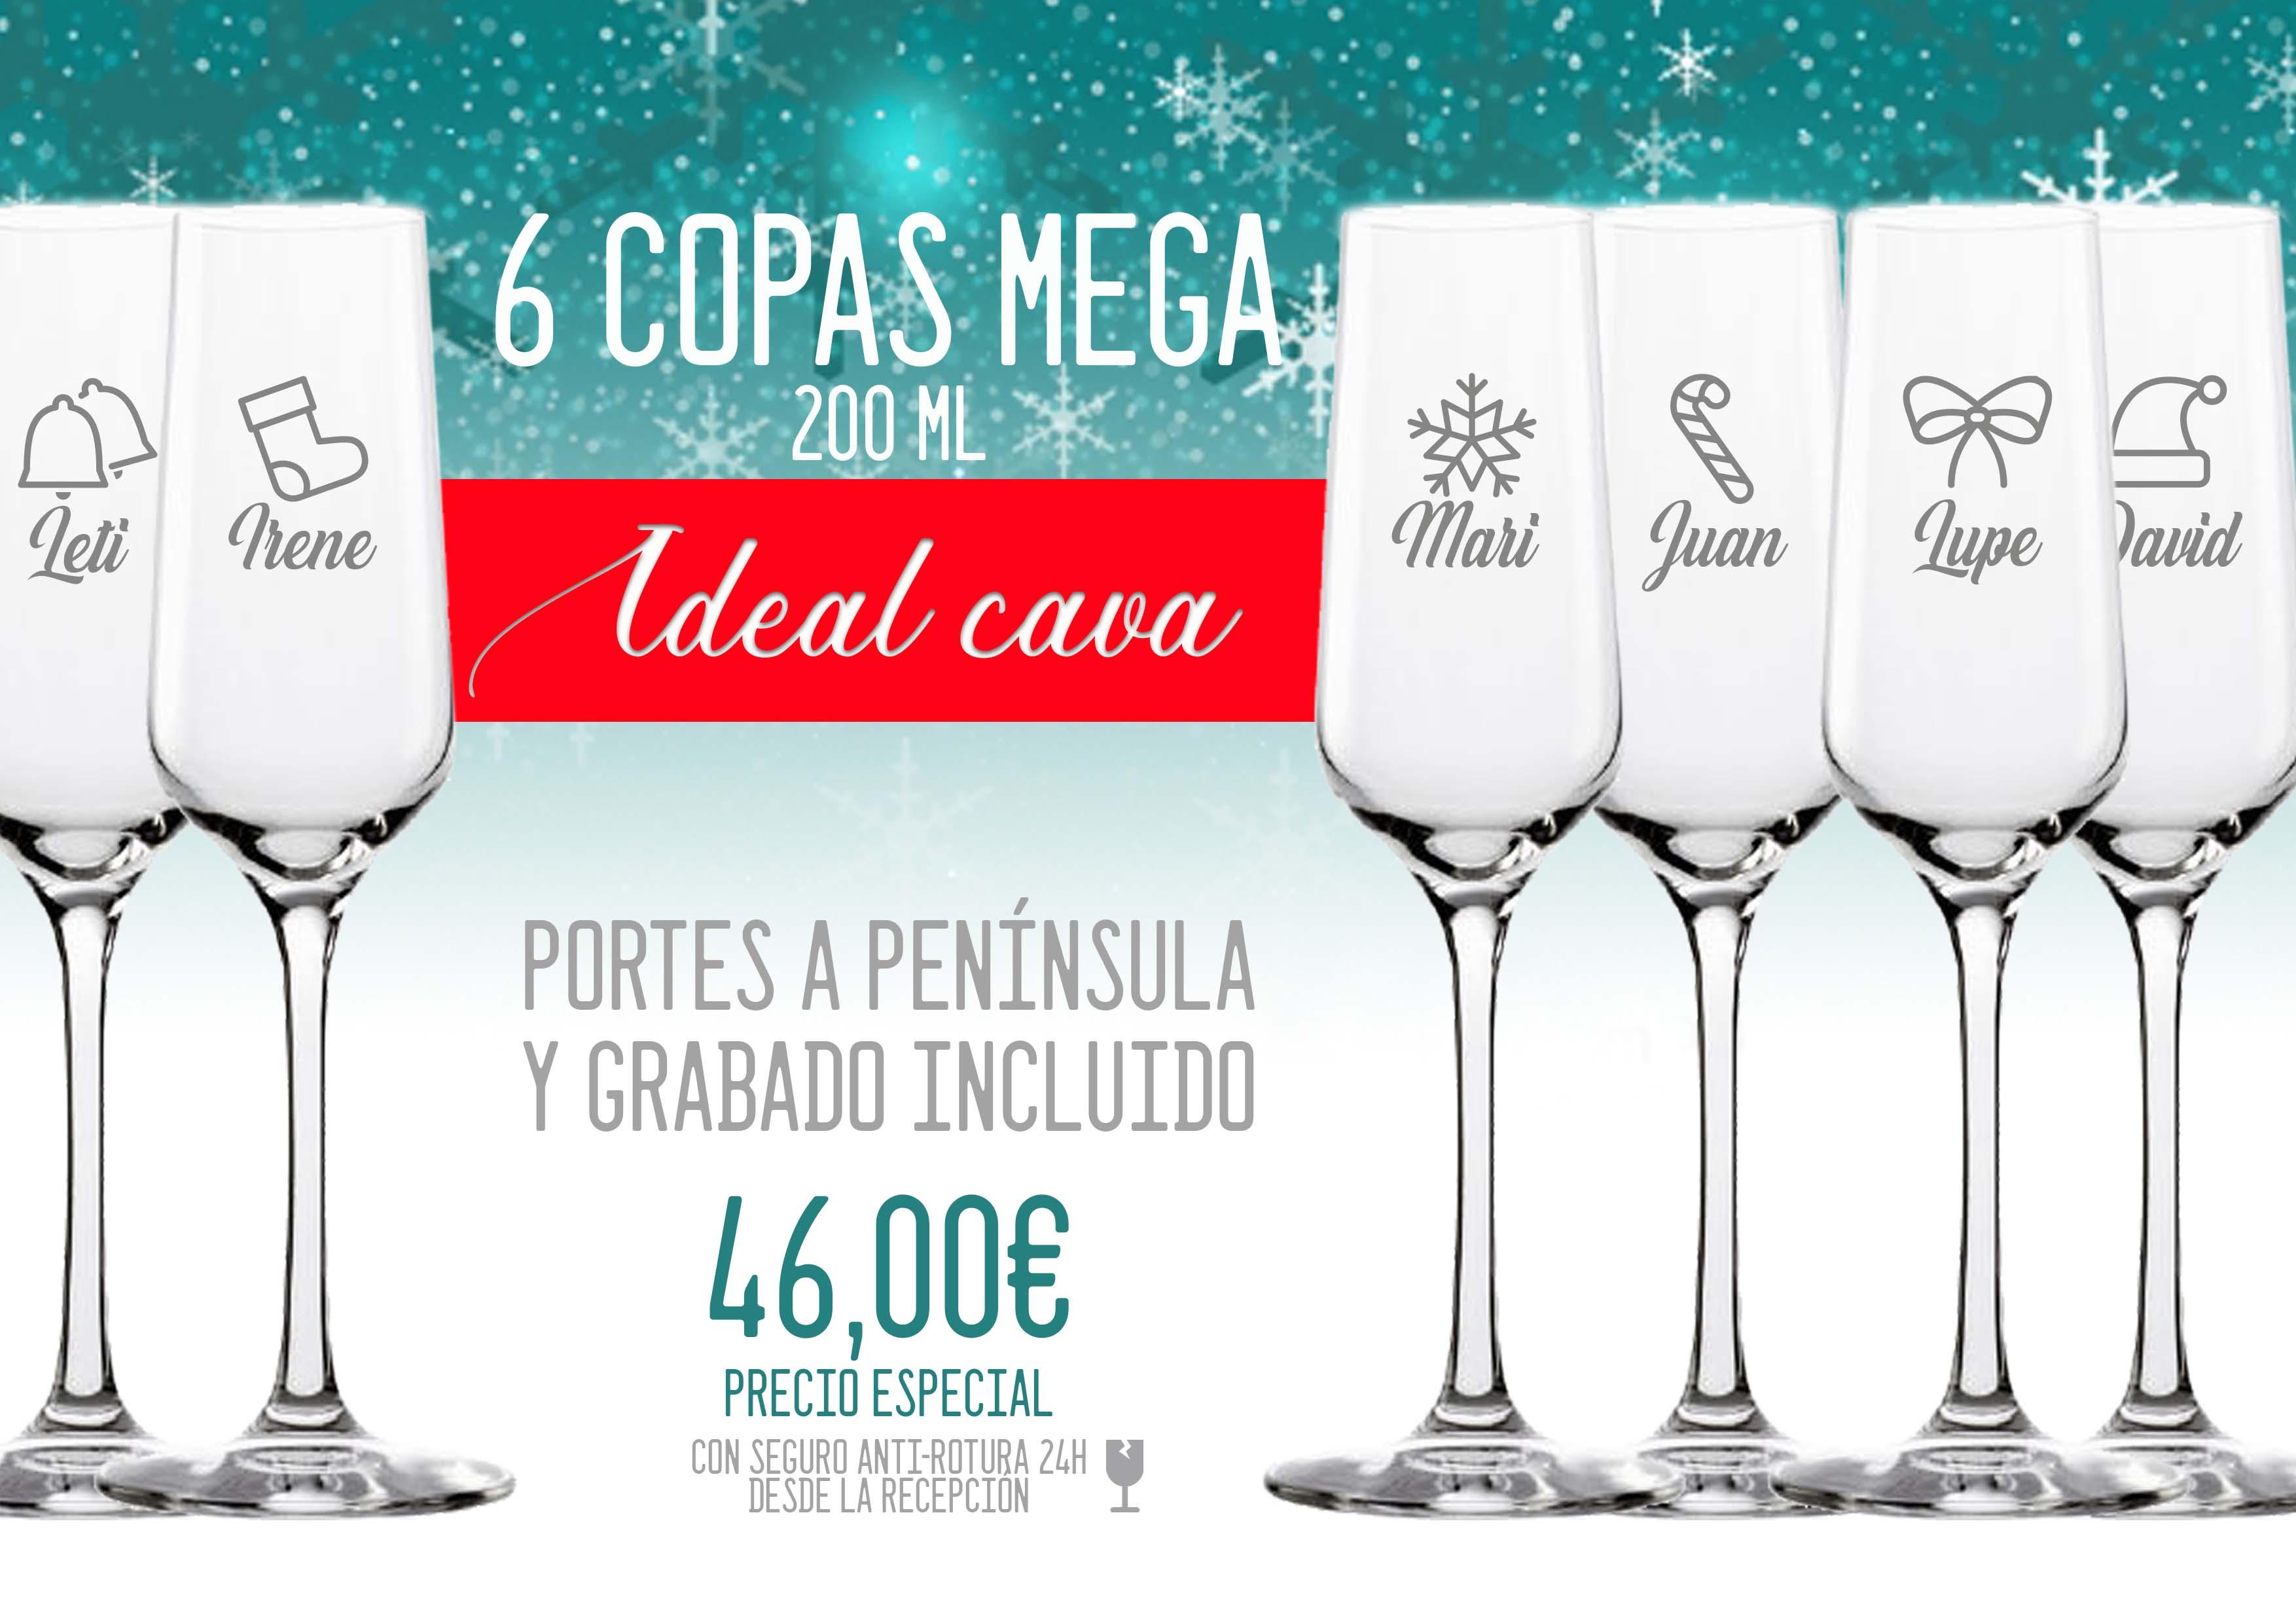 copa_mega_navidad_promo_promoción